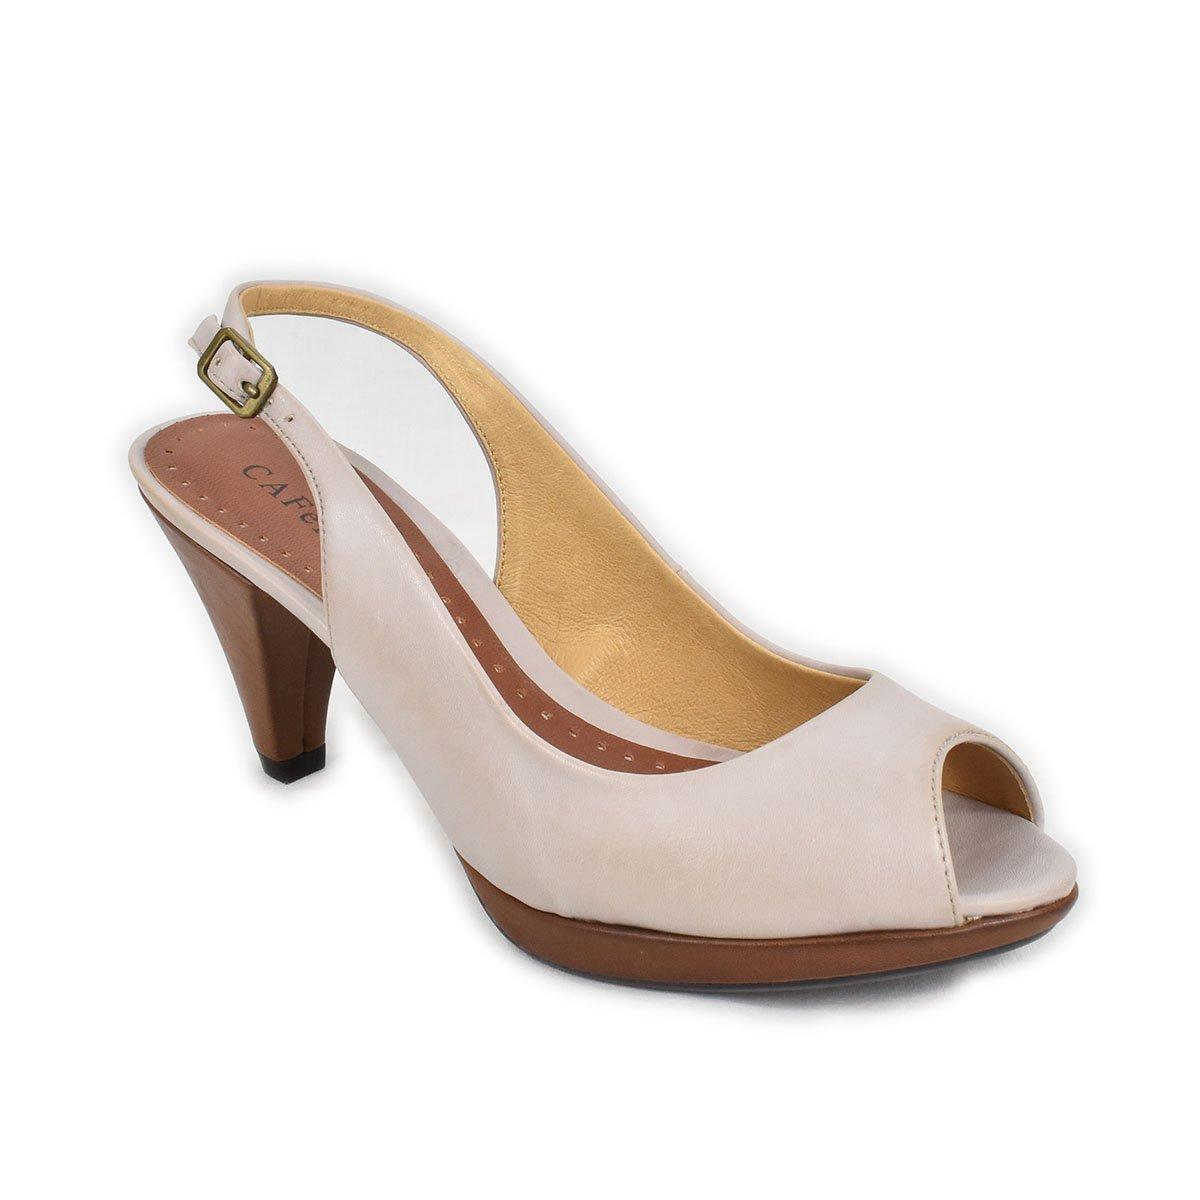 Sandali grigi pietra e marrone - CafèNoir WNE005